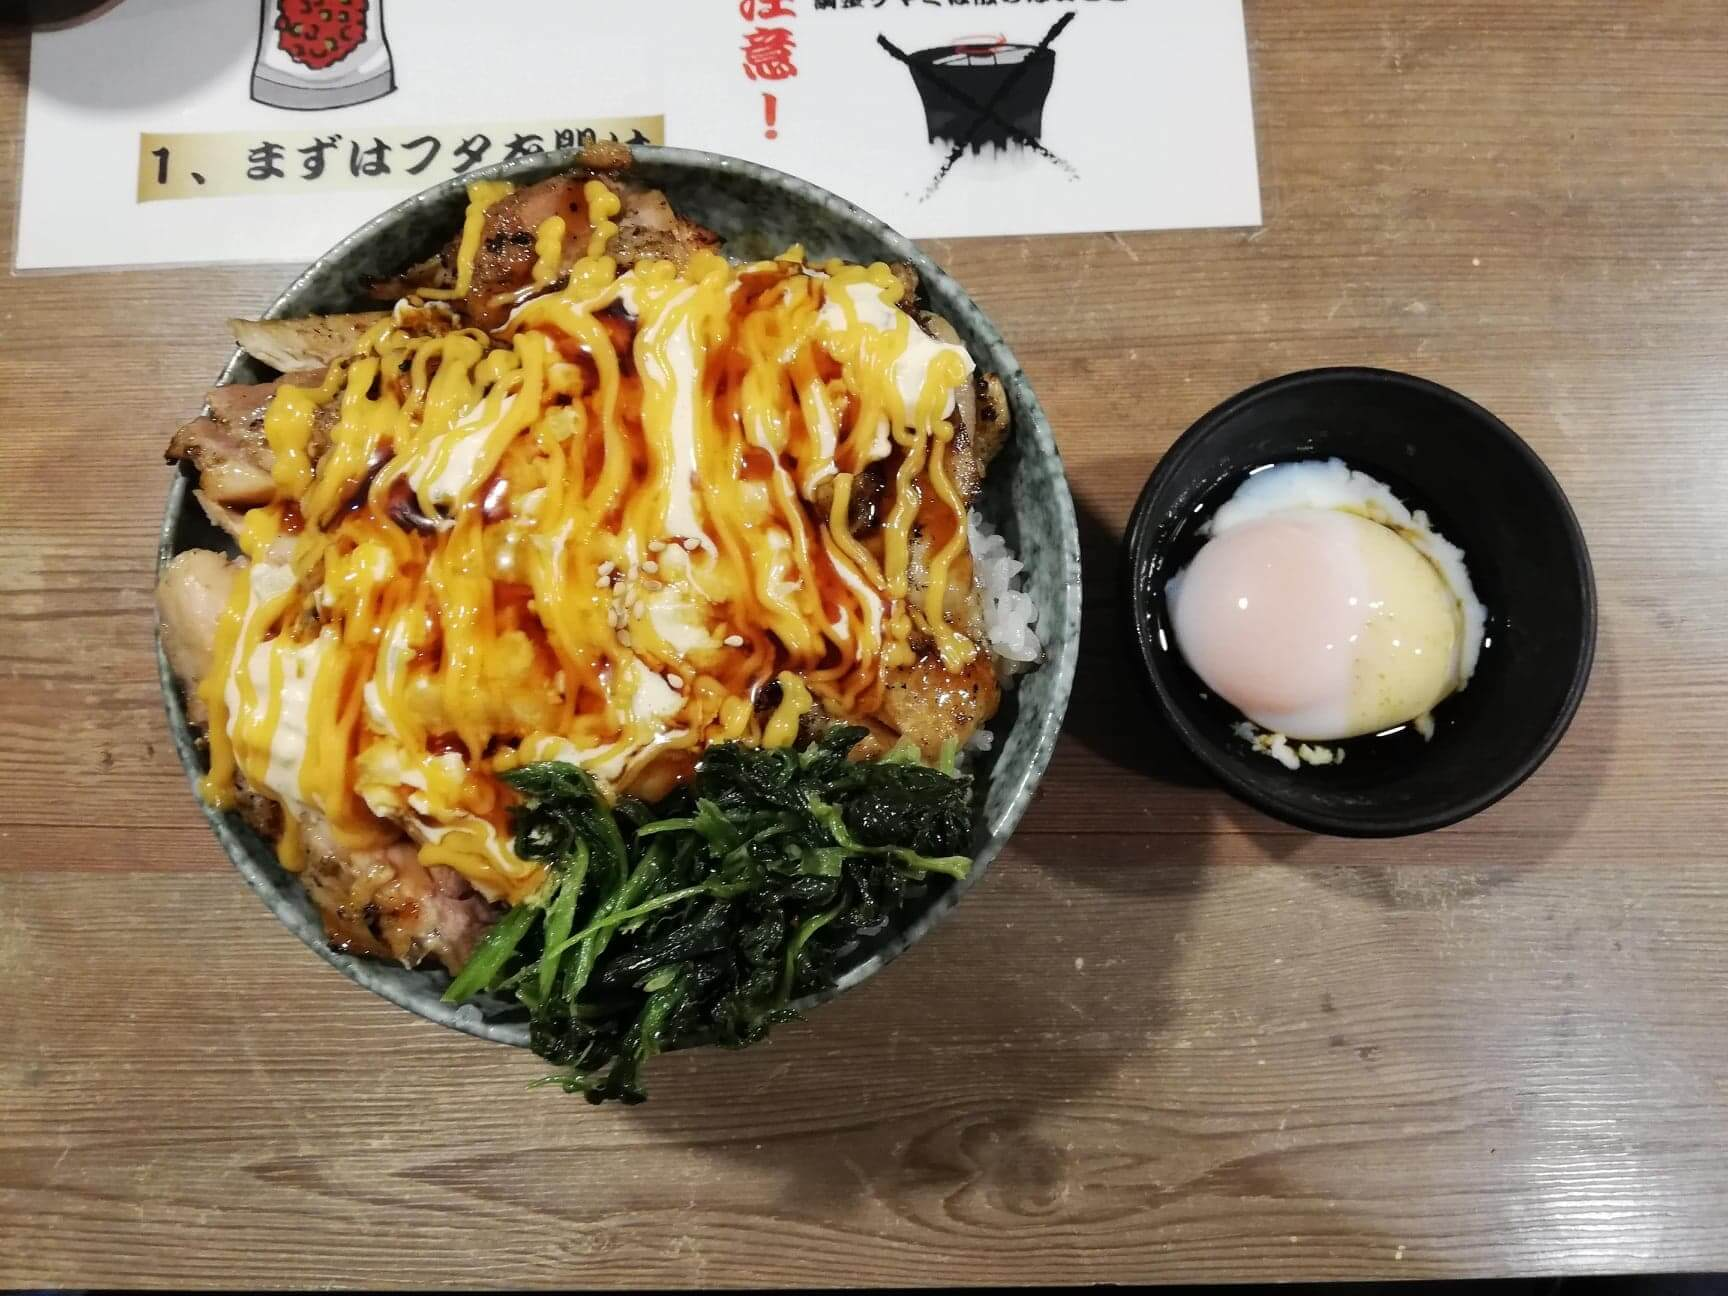 高田馬場(早稲田駅周辺)『どんぴしゃり』の炭焼鶏タル丼の写真